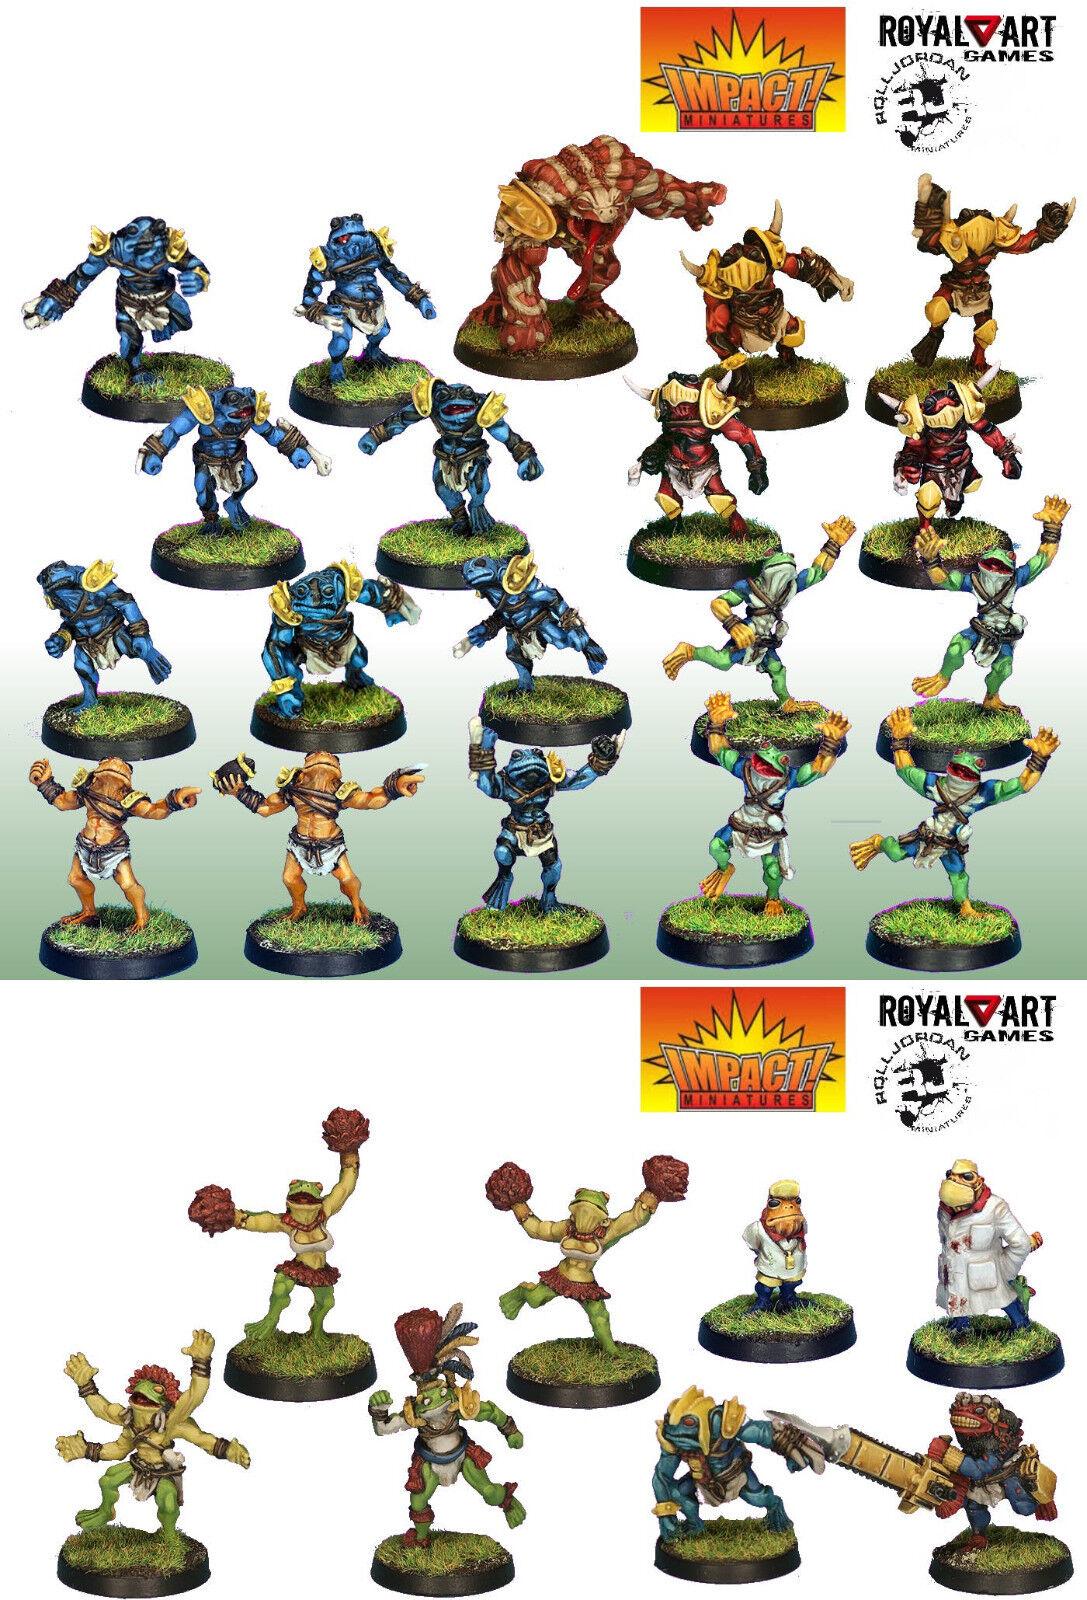 Impact  Miniatures  Rolljordan Horned Frog Deluxe Team (Resin) TC-HFRD